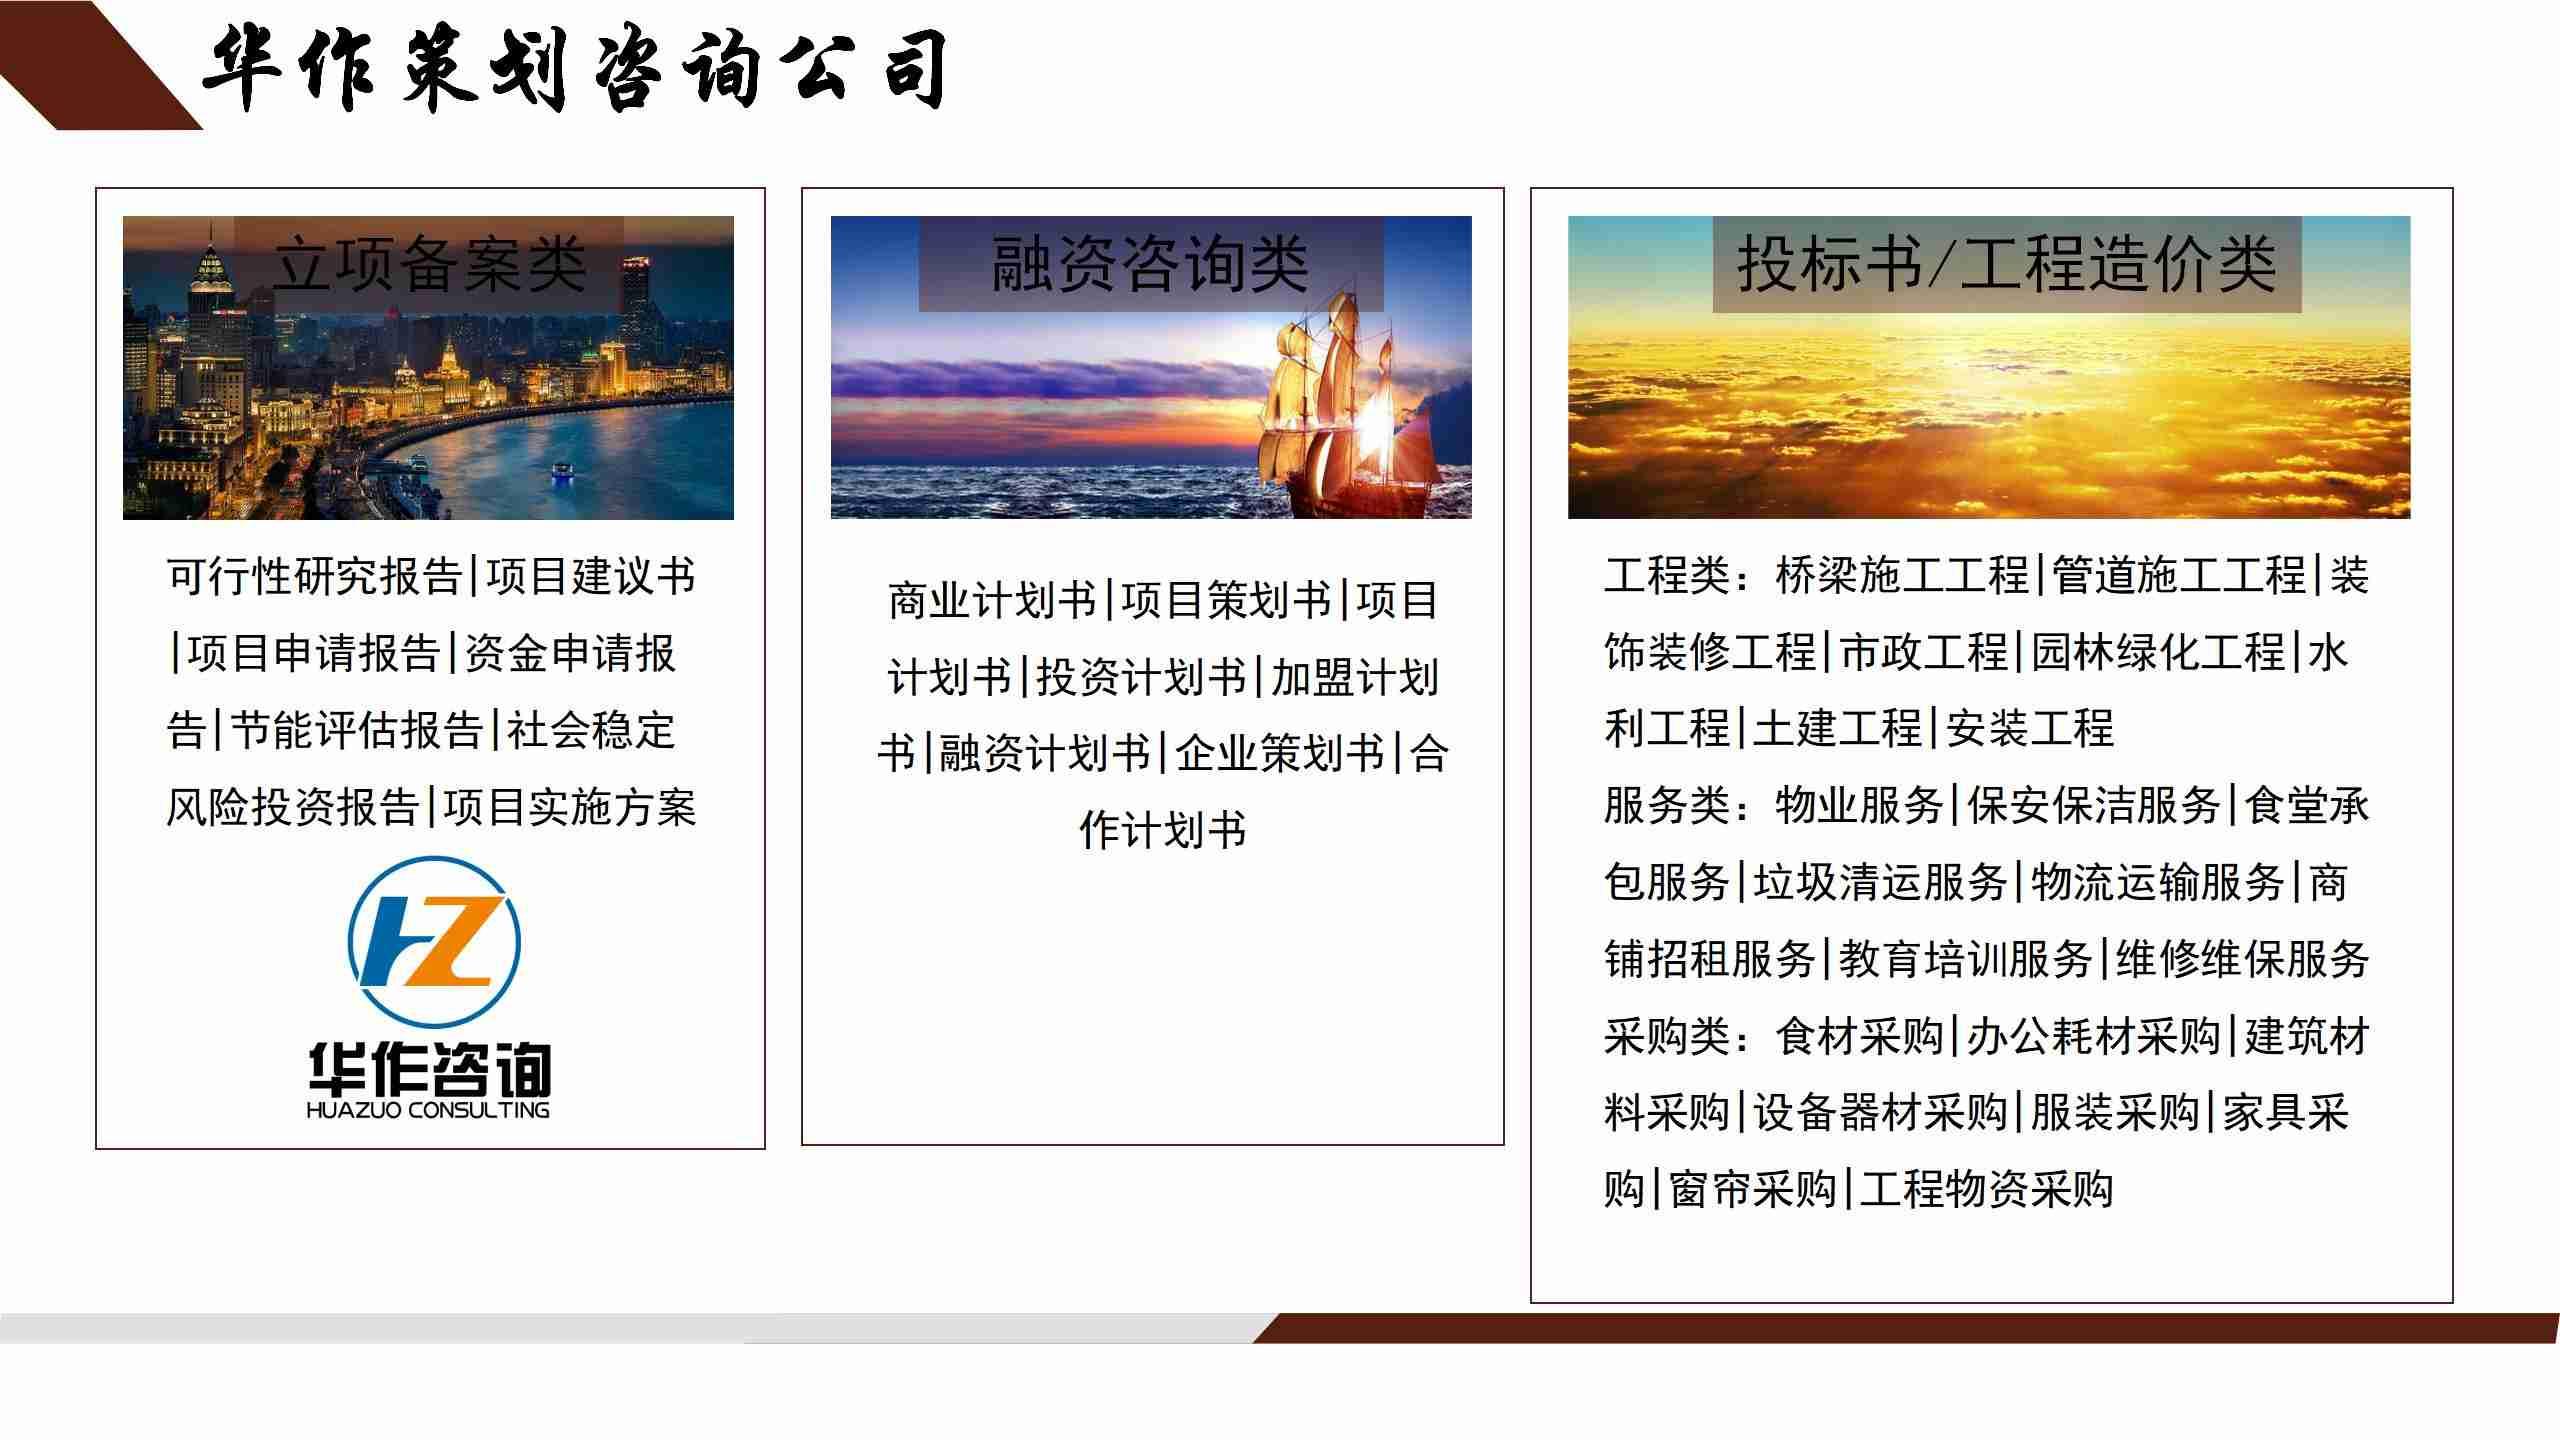 芜湖专家代写商业计划书展示企业风采